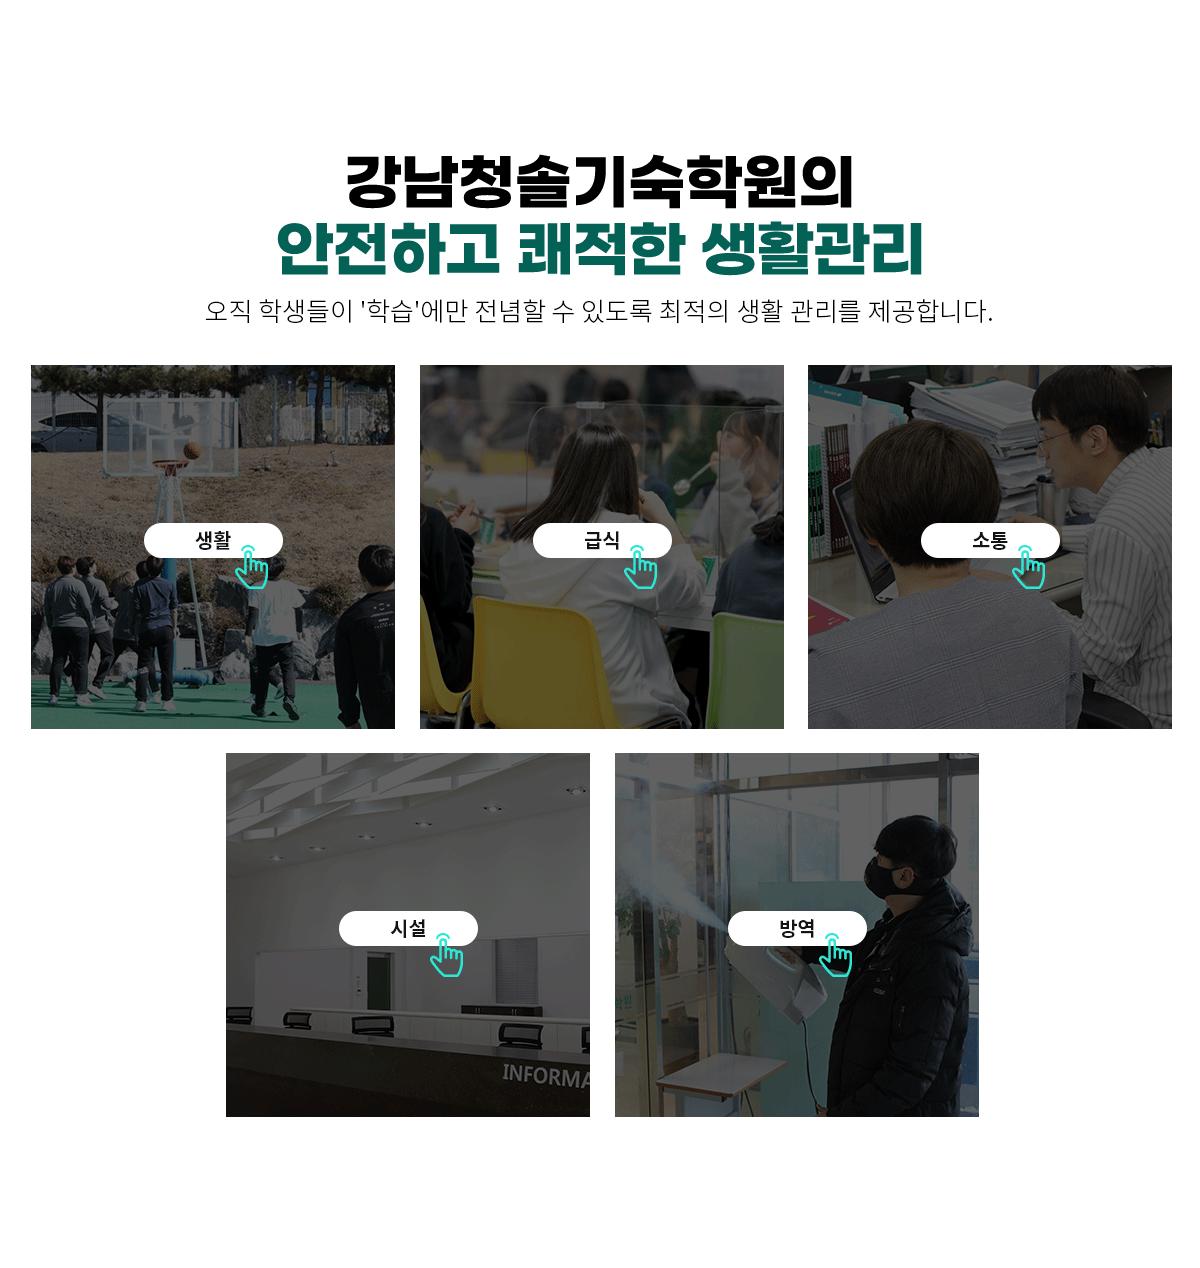 강남청솔기숙학원의 안전하고 쾌적한 생활관리